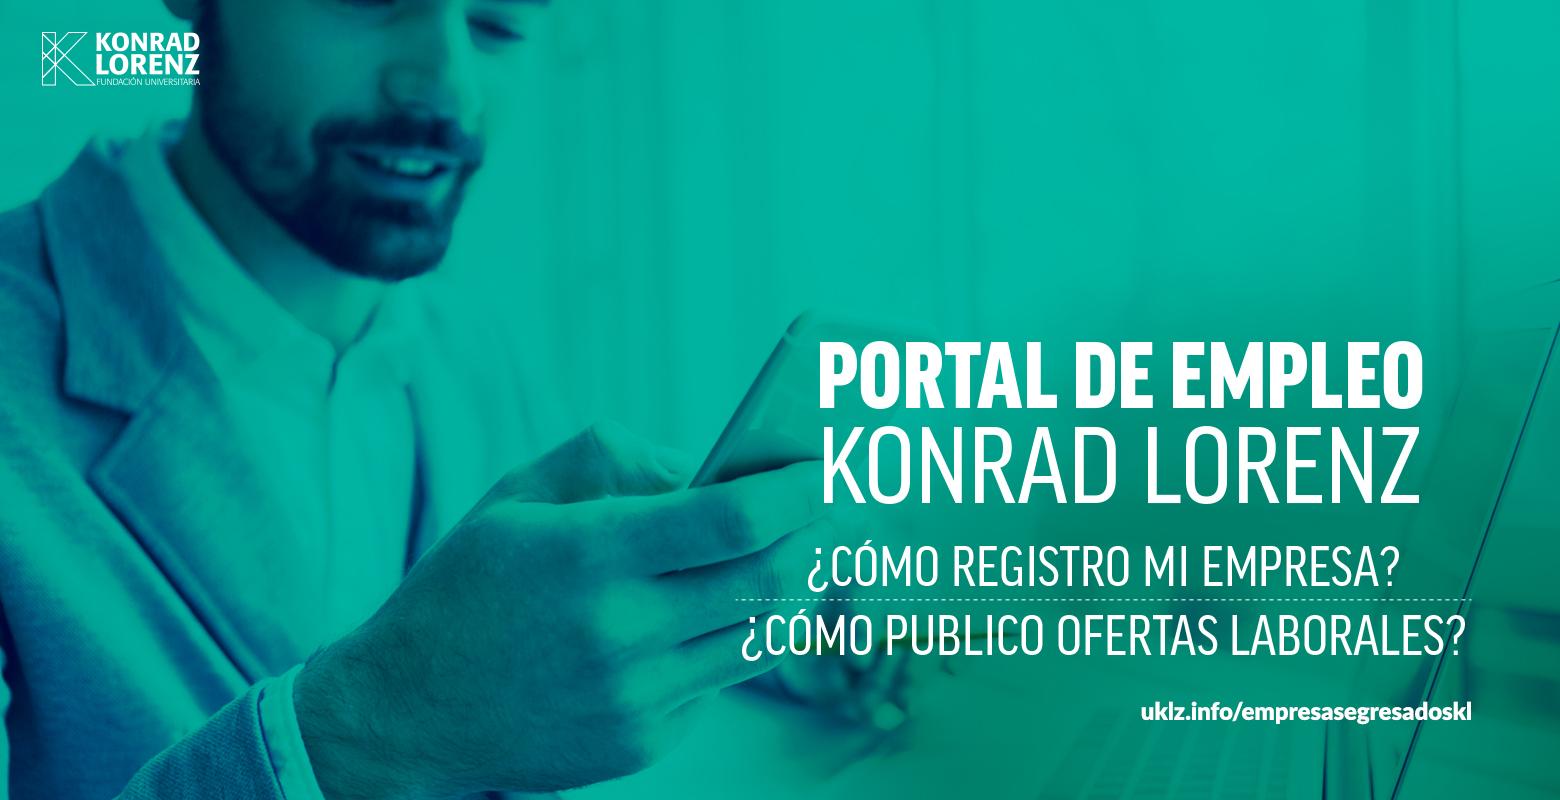 ¿Cómo registro mi empresa en el Portal de Empleos y cómo publico ofertas laborales?